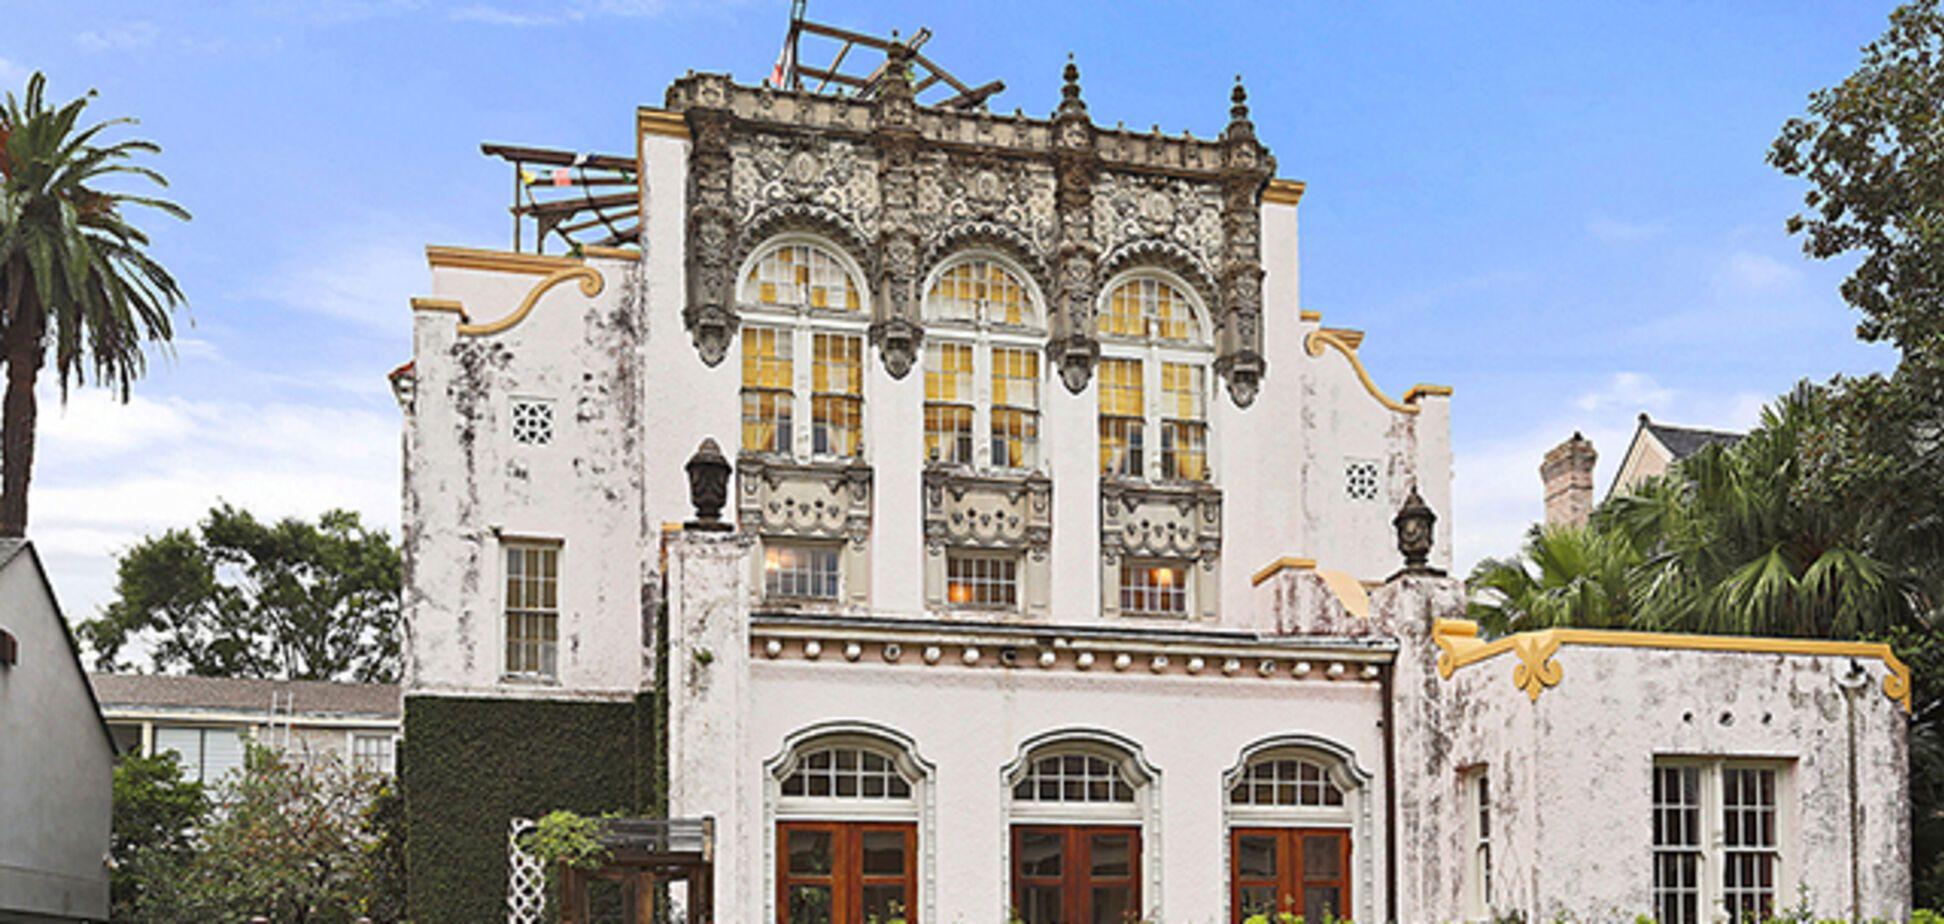 Будинок Бейонсе і Jay-Z за 68 мільйонів гривень загорівся